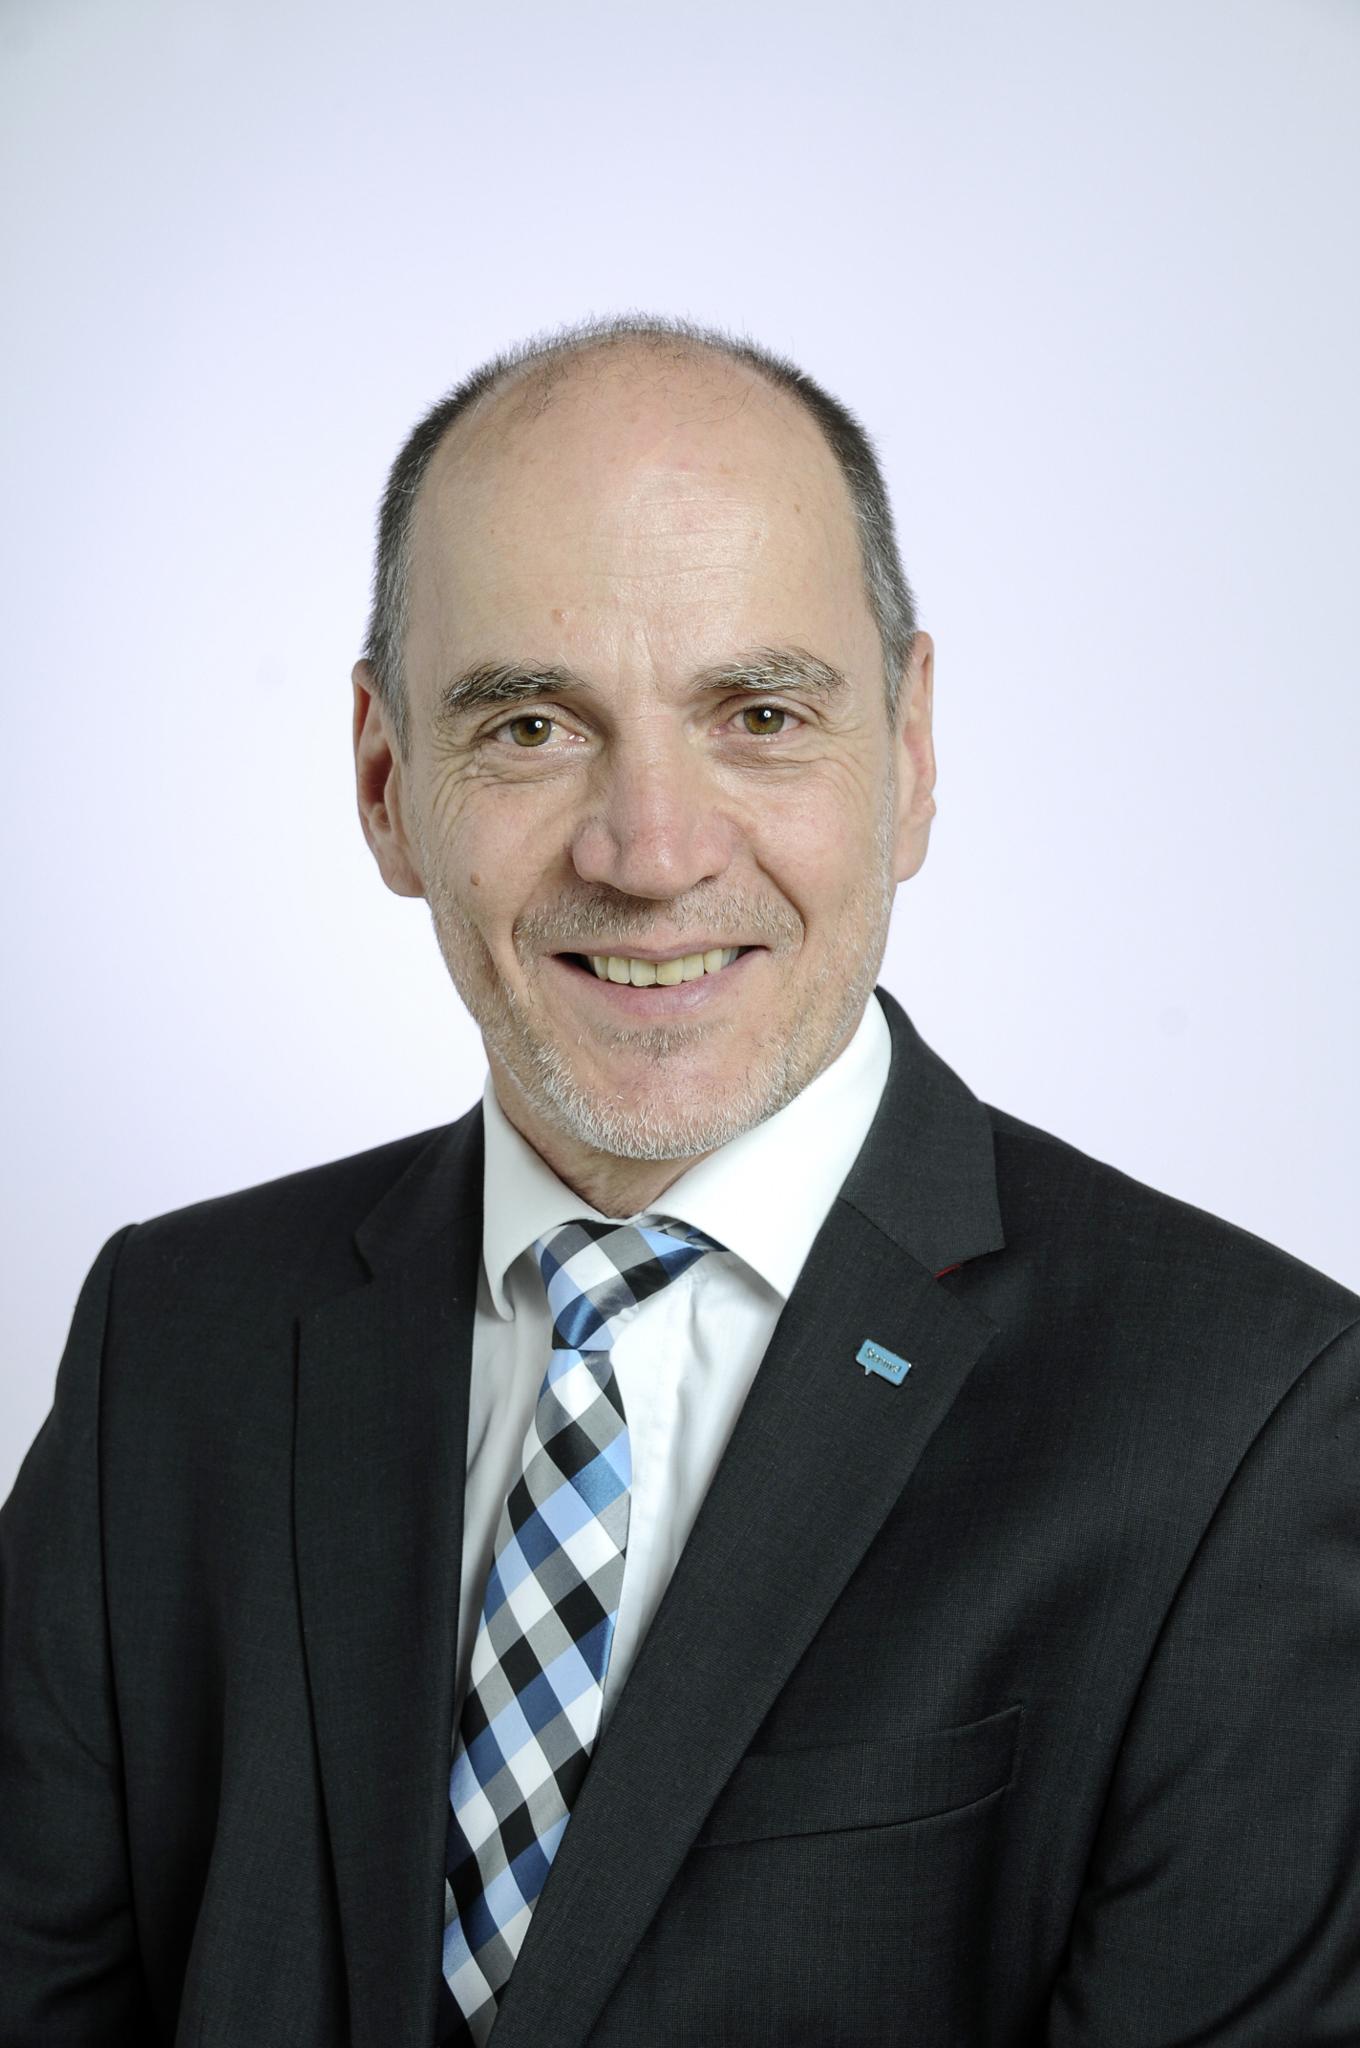 Wolfgang Brändle